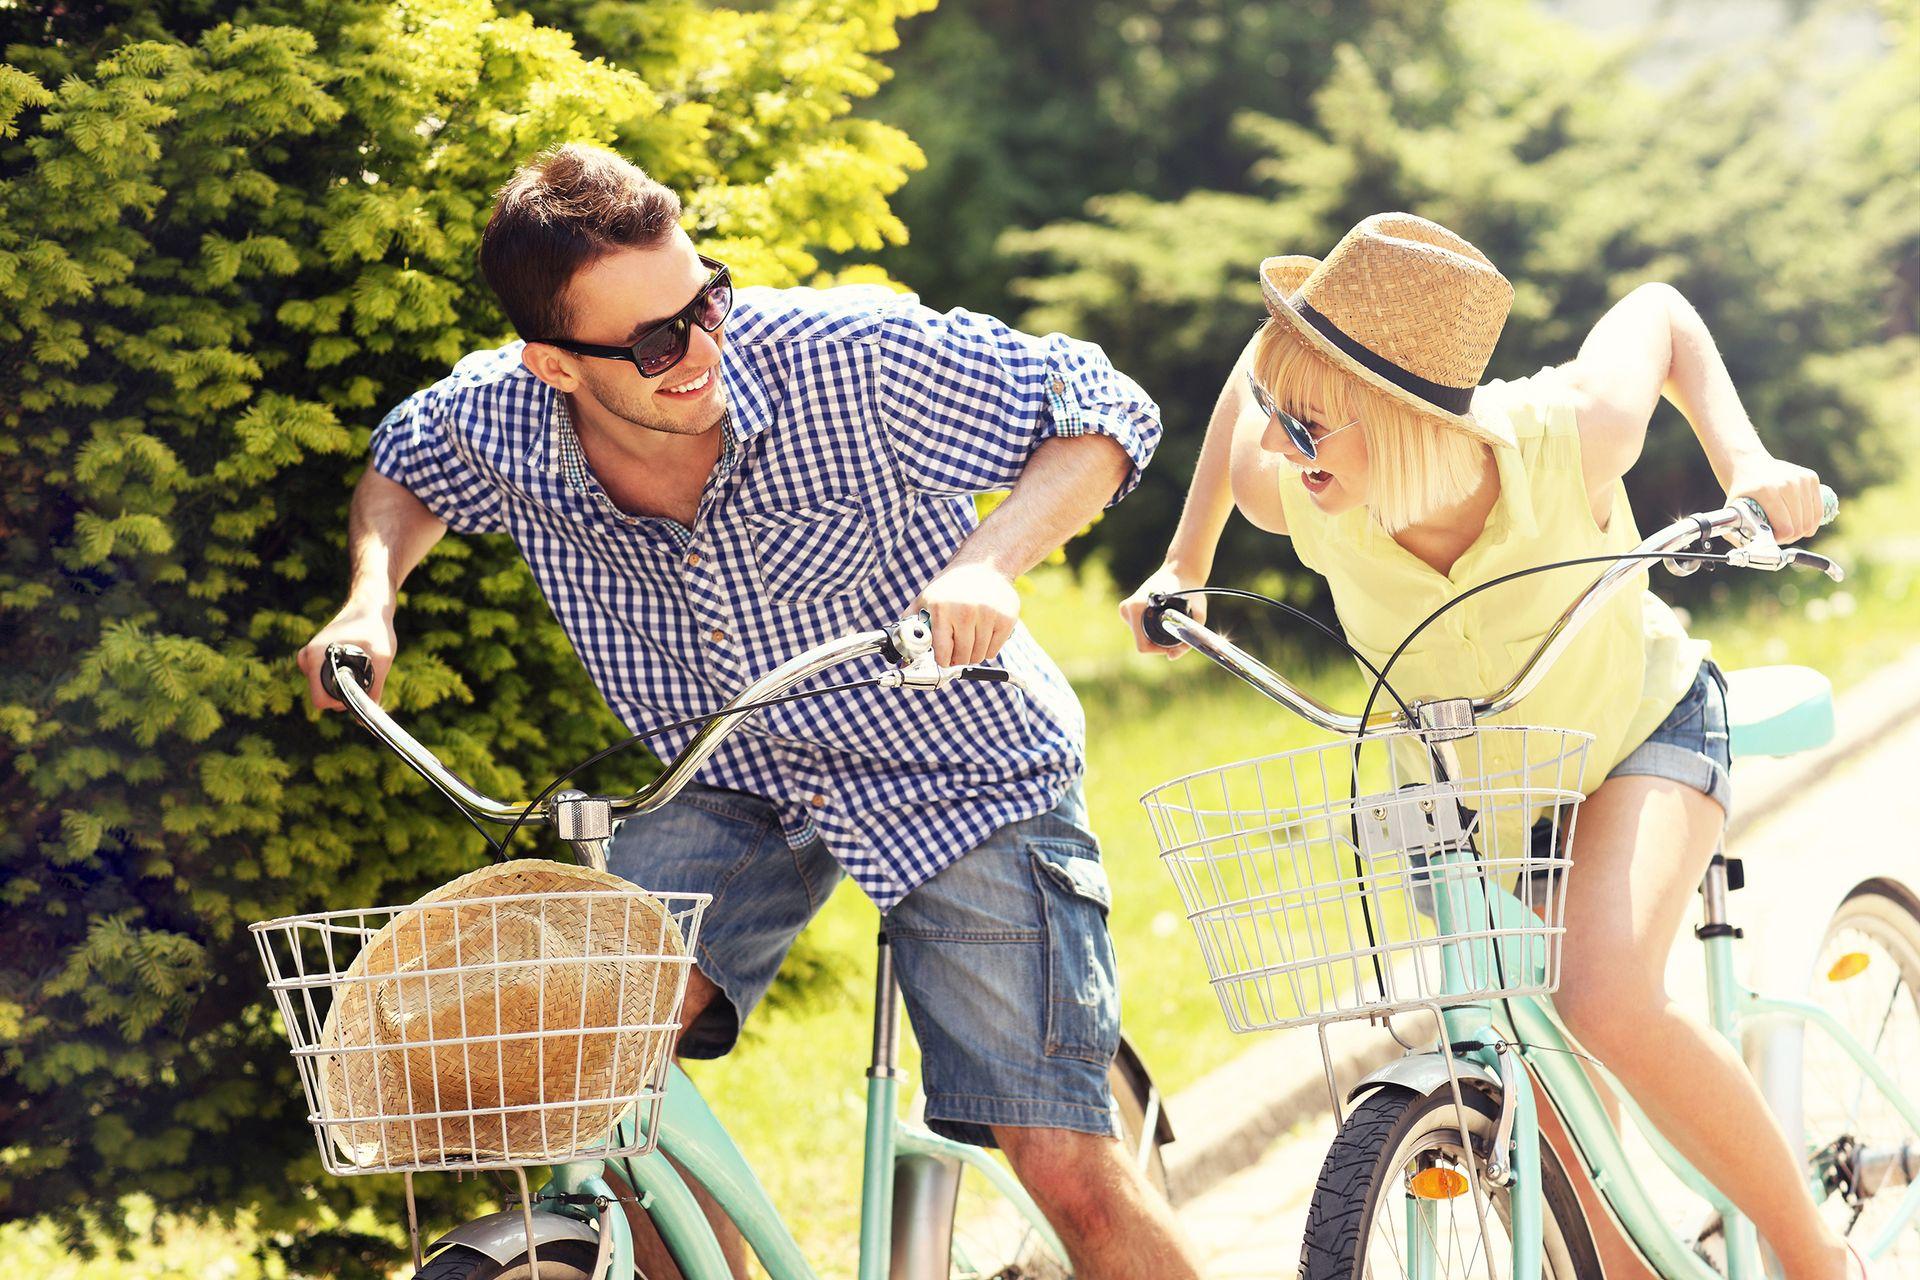 ALL IN Hotels - Mann und Frau am Fahrrad stehen und genießen die wunderschöne Naturlandschaft